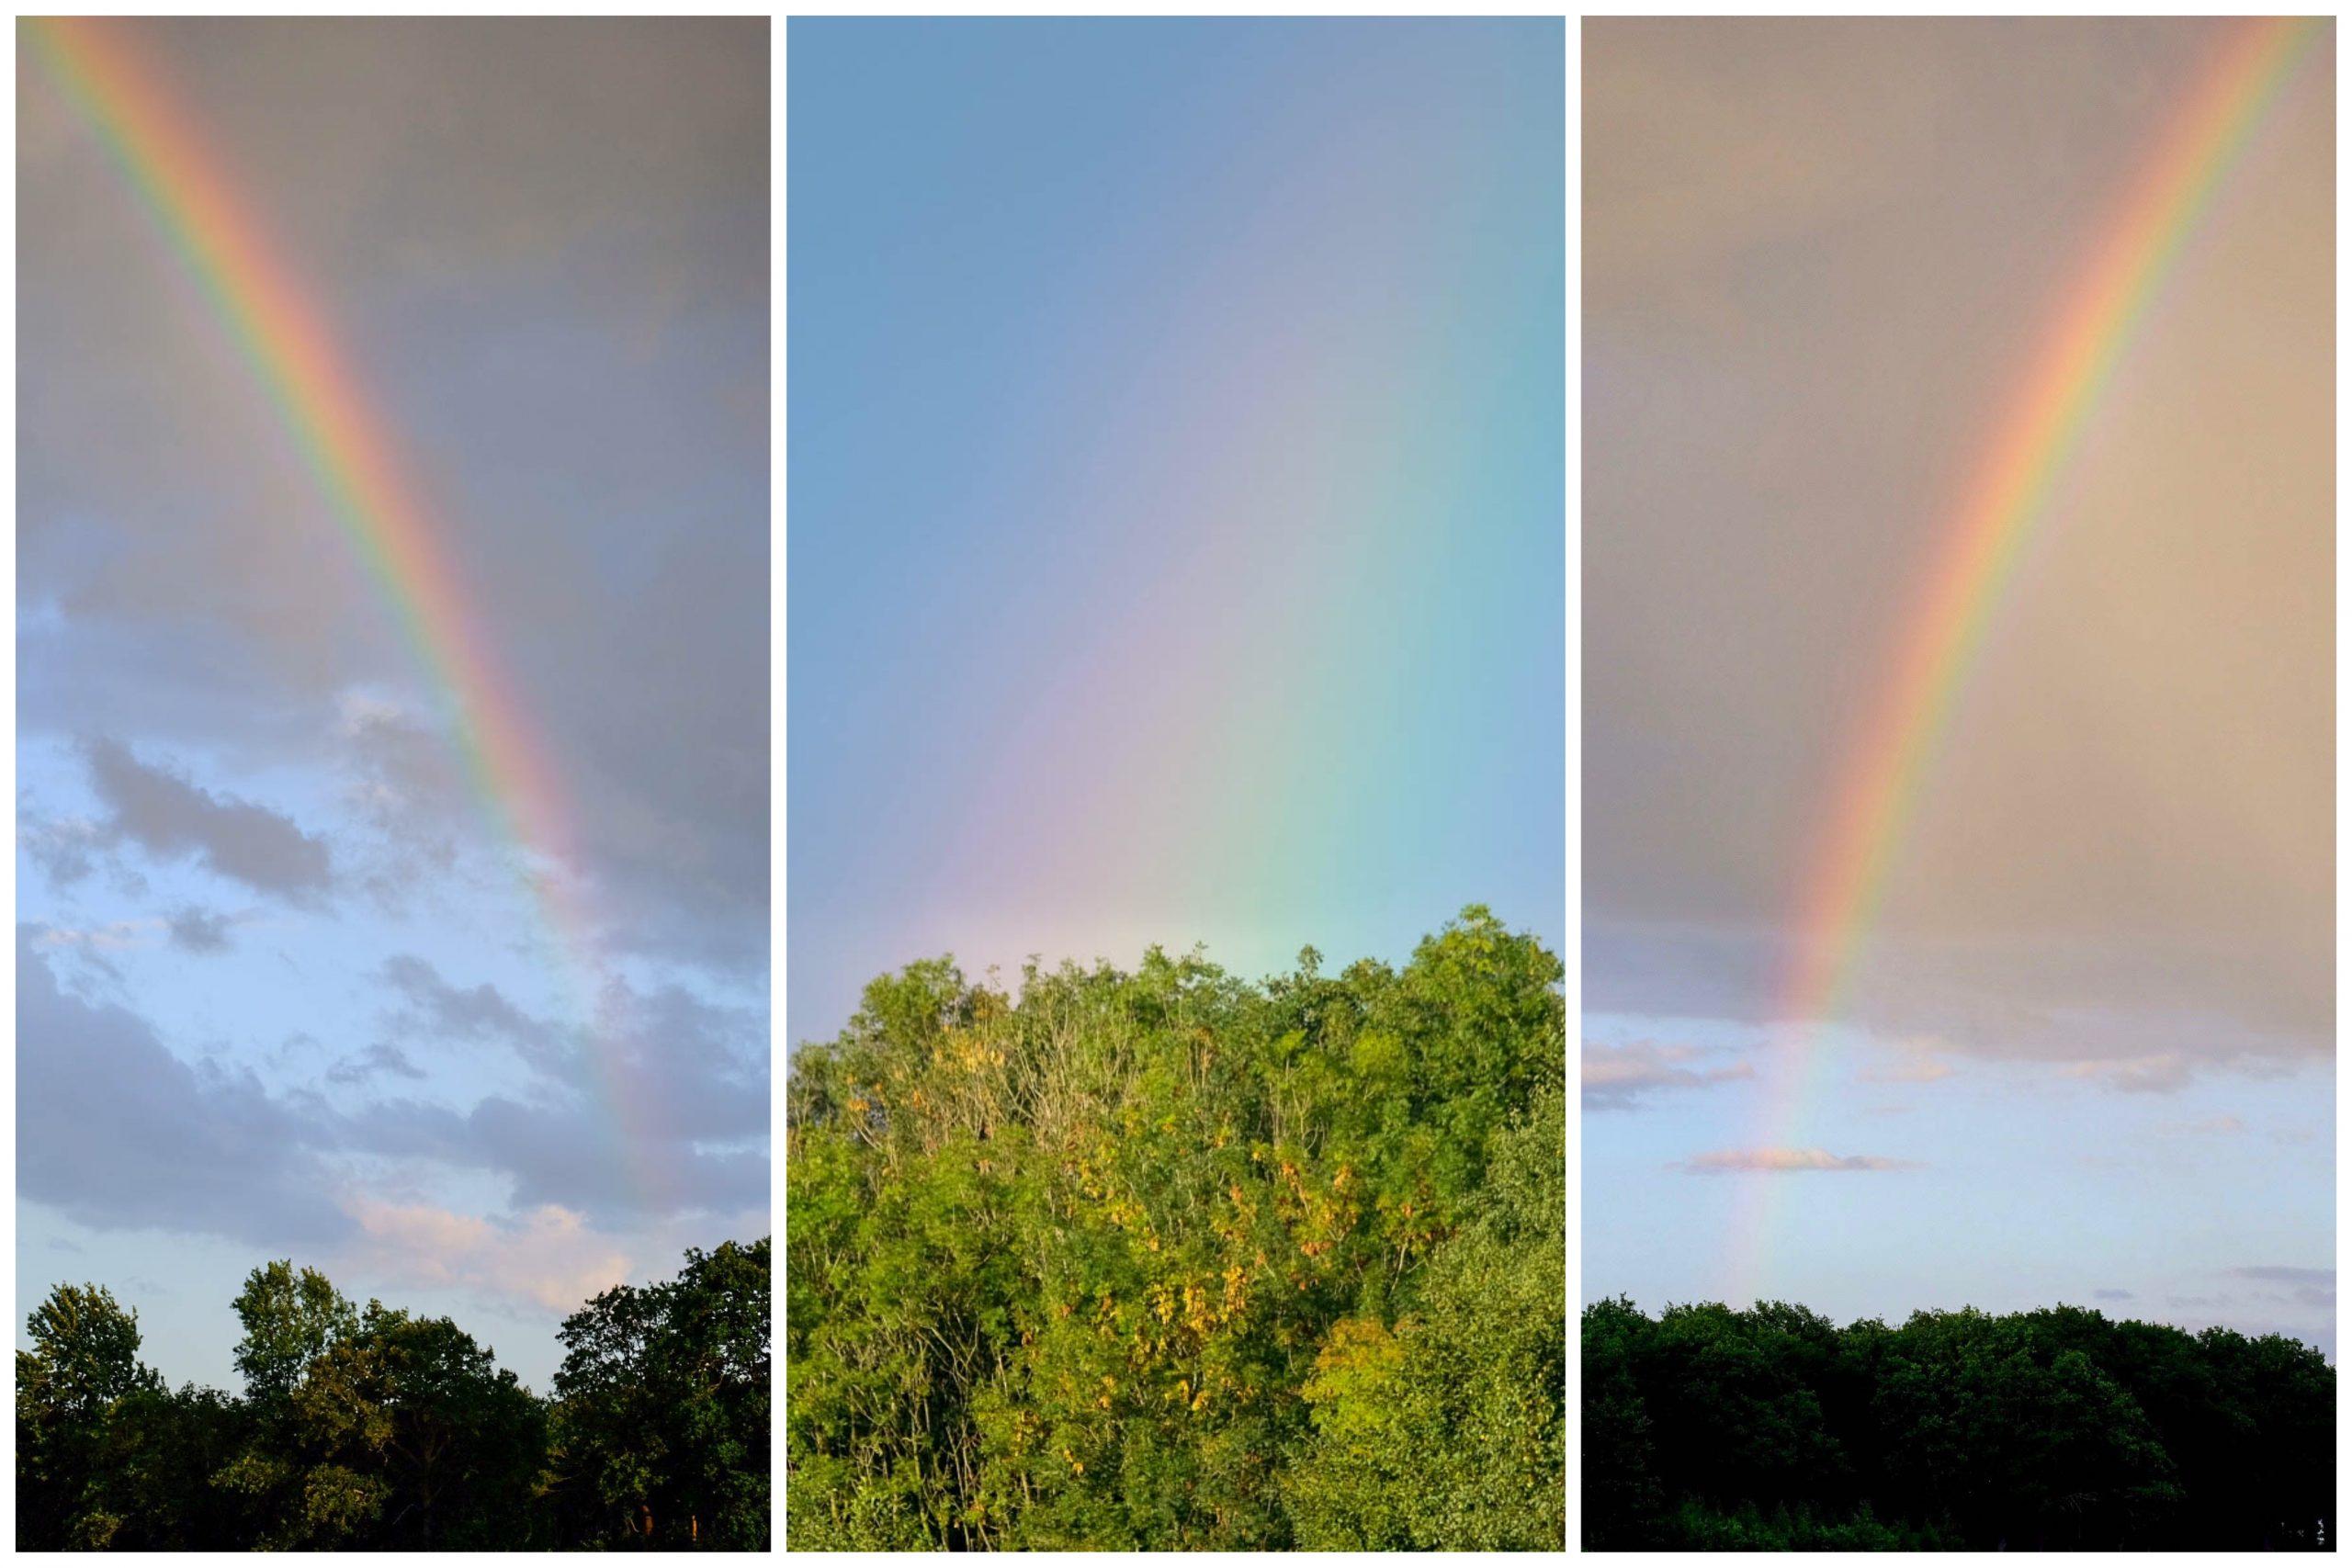 Potten met goud onderaan de regenboog?